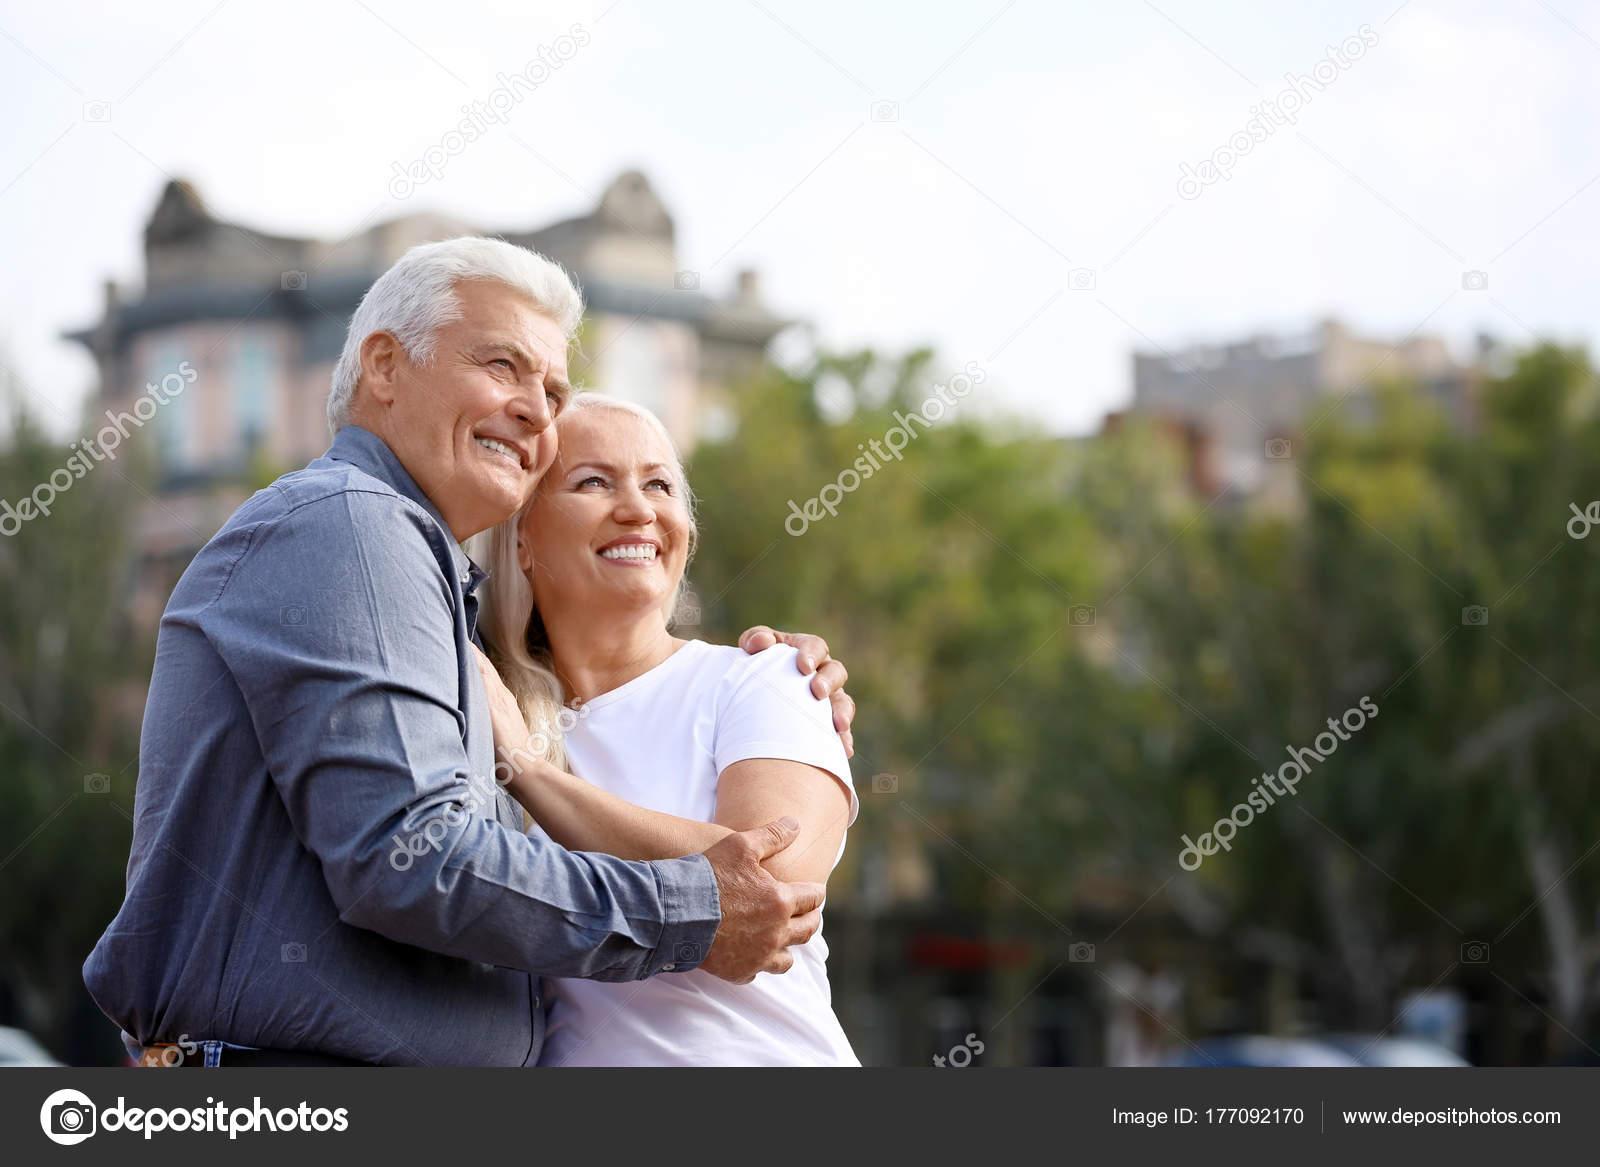 Non-penetrative sex